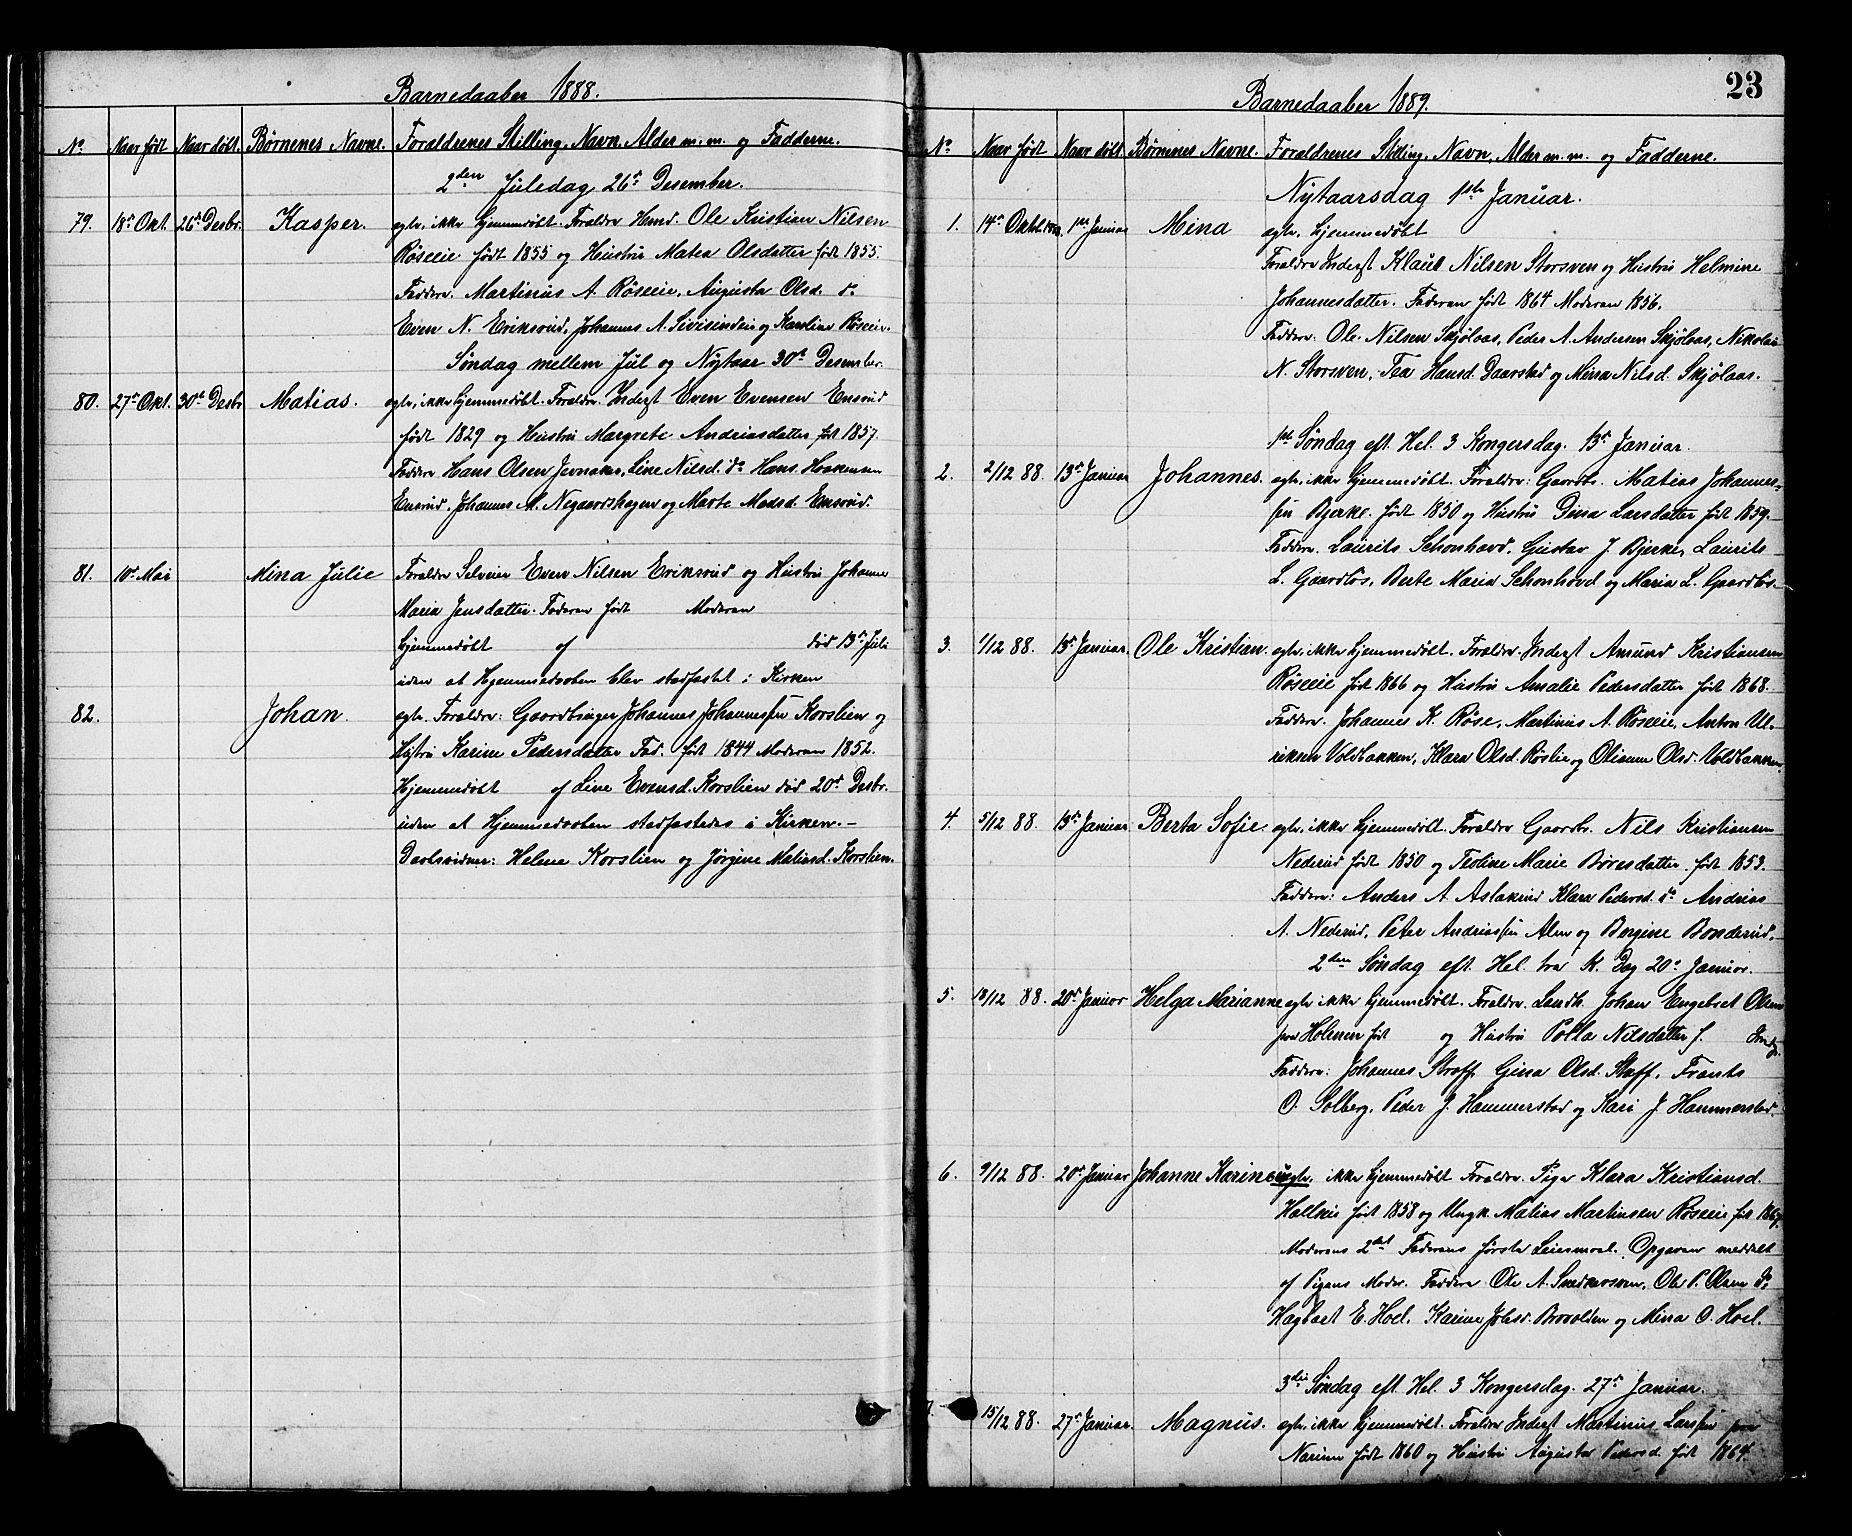 SAH, Vestre Toten prestekontor, H/Ha/Hab/L0008: Klokkerbok nr. 8, 1885-1900, s. 23